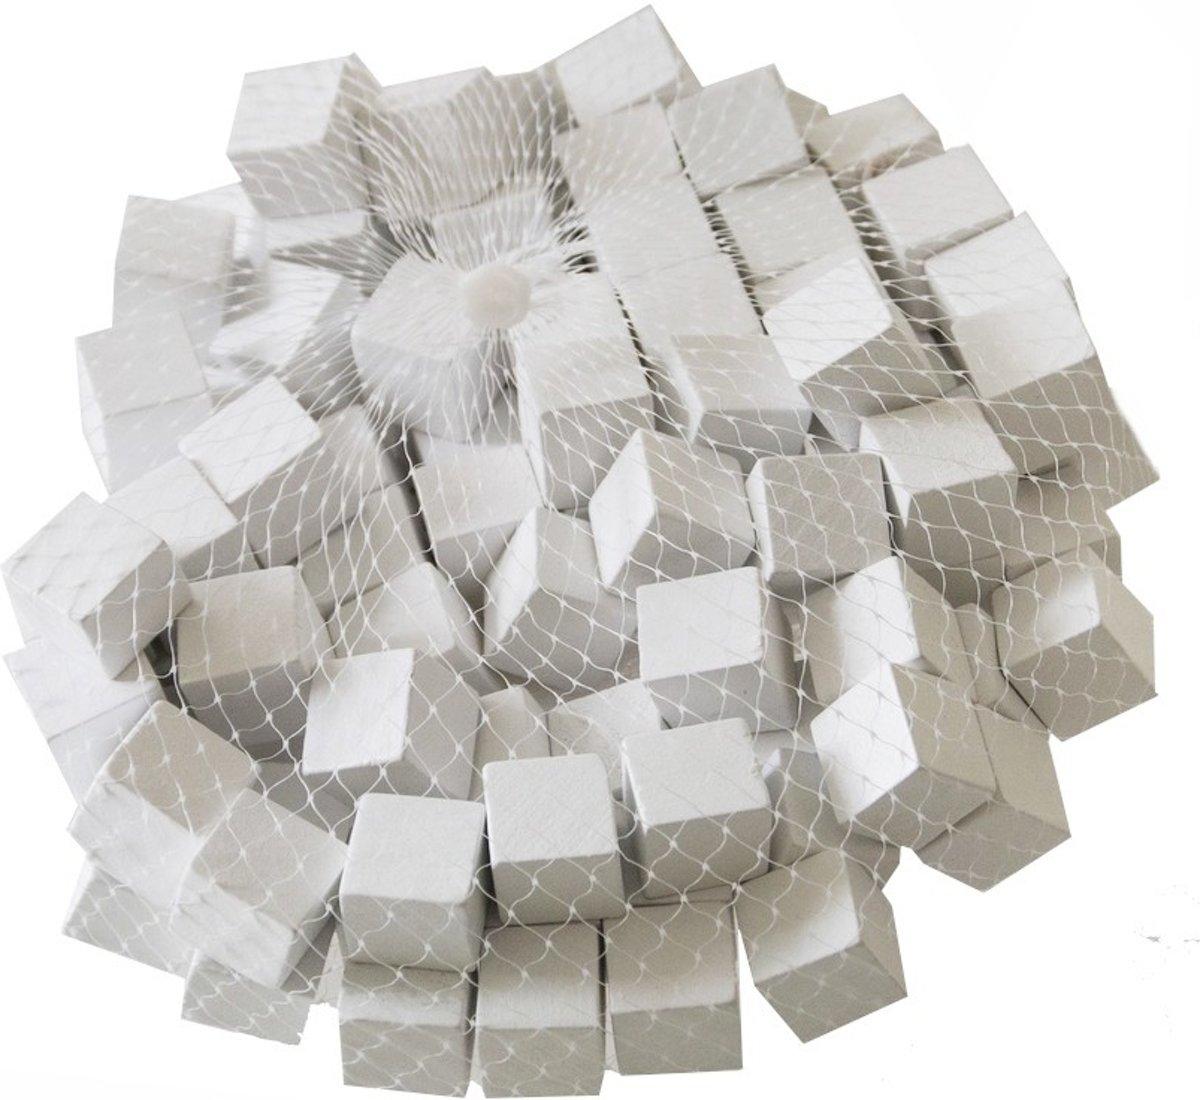 Houten blokjes wit 1,5 cm kopen